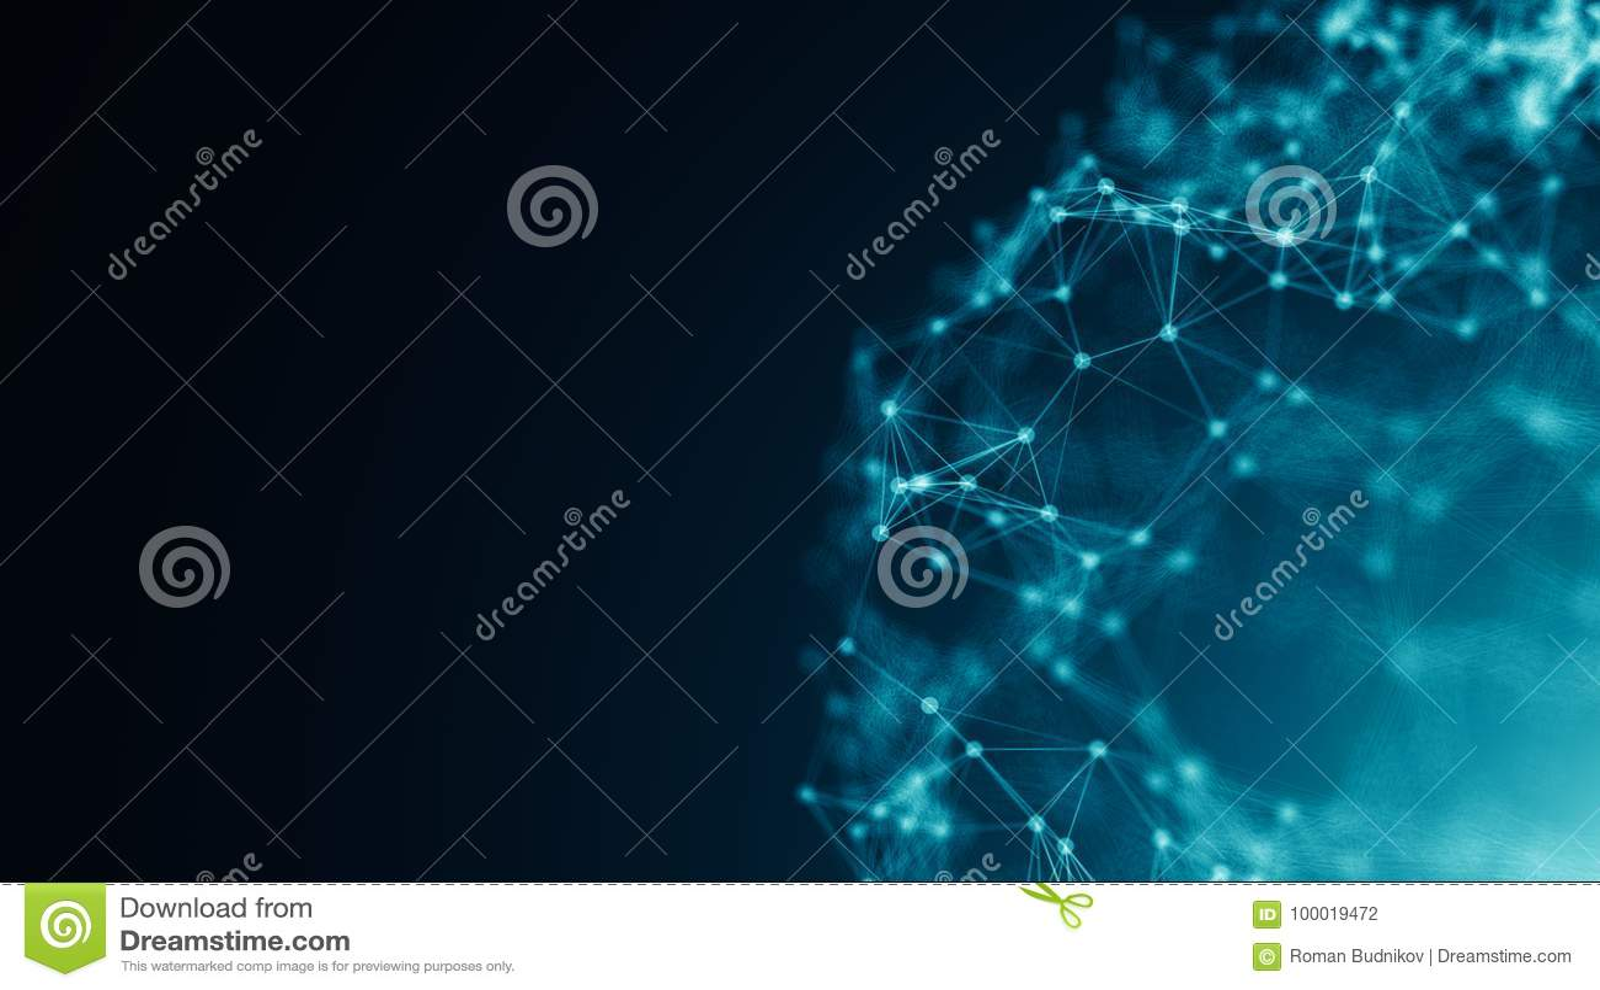 Αφηρημένα σημεία σύνδεσης τεχνολογία πλανητών γήινων τηλεφώνων δυαδικού κώδικα ανασκόπησης Ψηφιακό μπλε θέμα σχεδίων διάνυσμα δικ